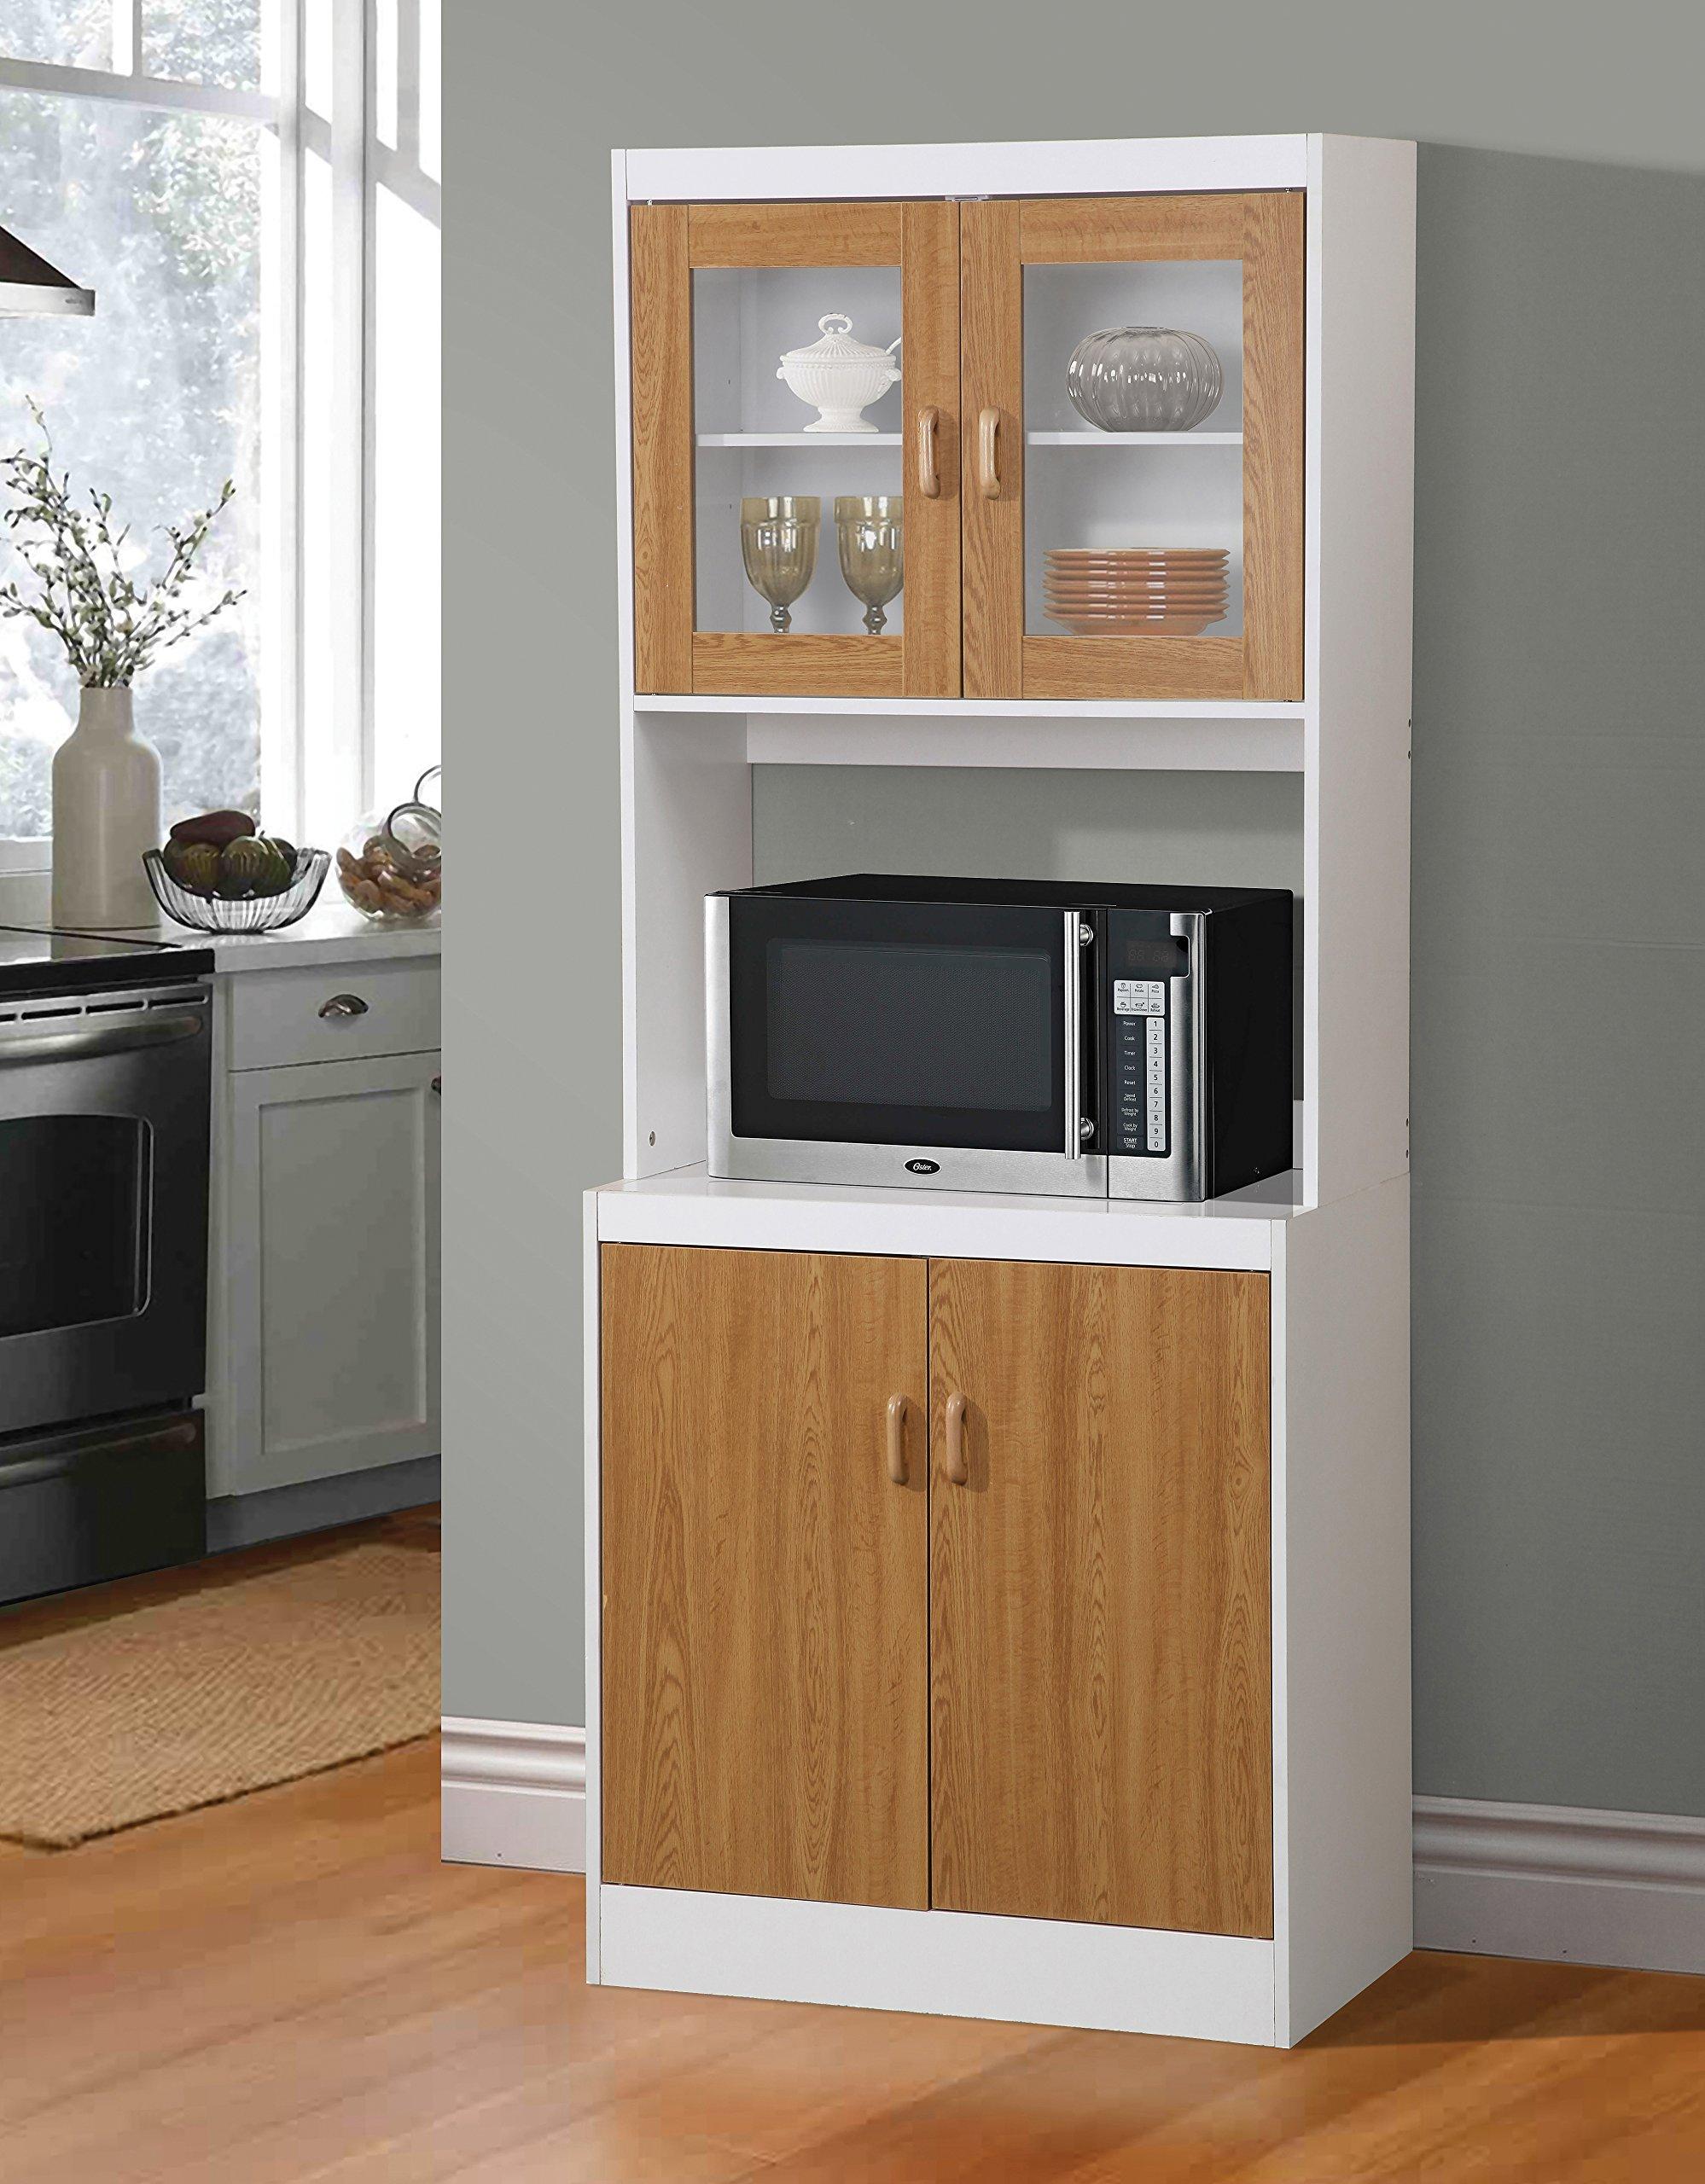 Cheap Beech Kitchen Doors Find Beech Kitchen Doors Deals On Line At